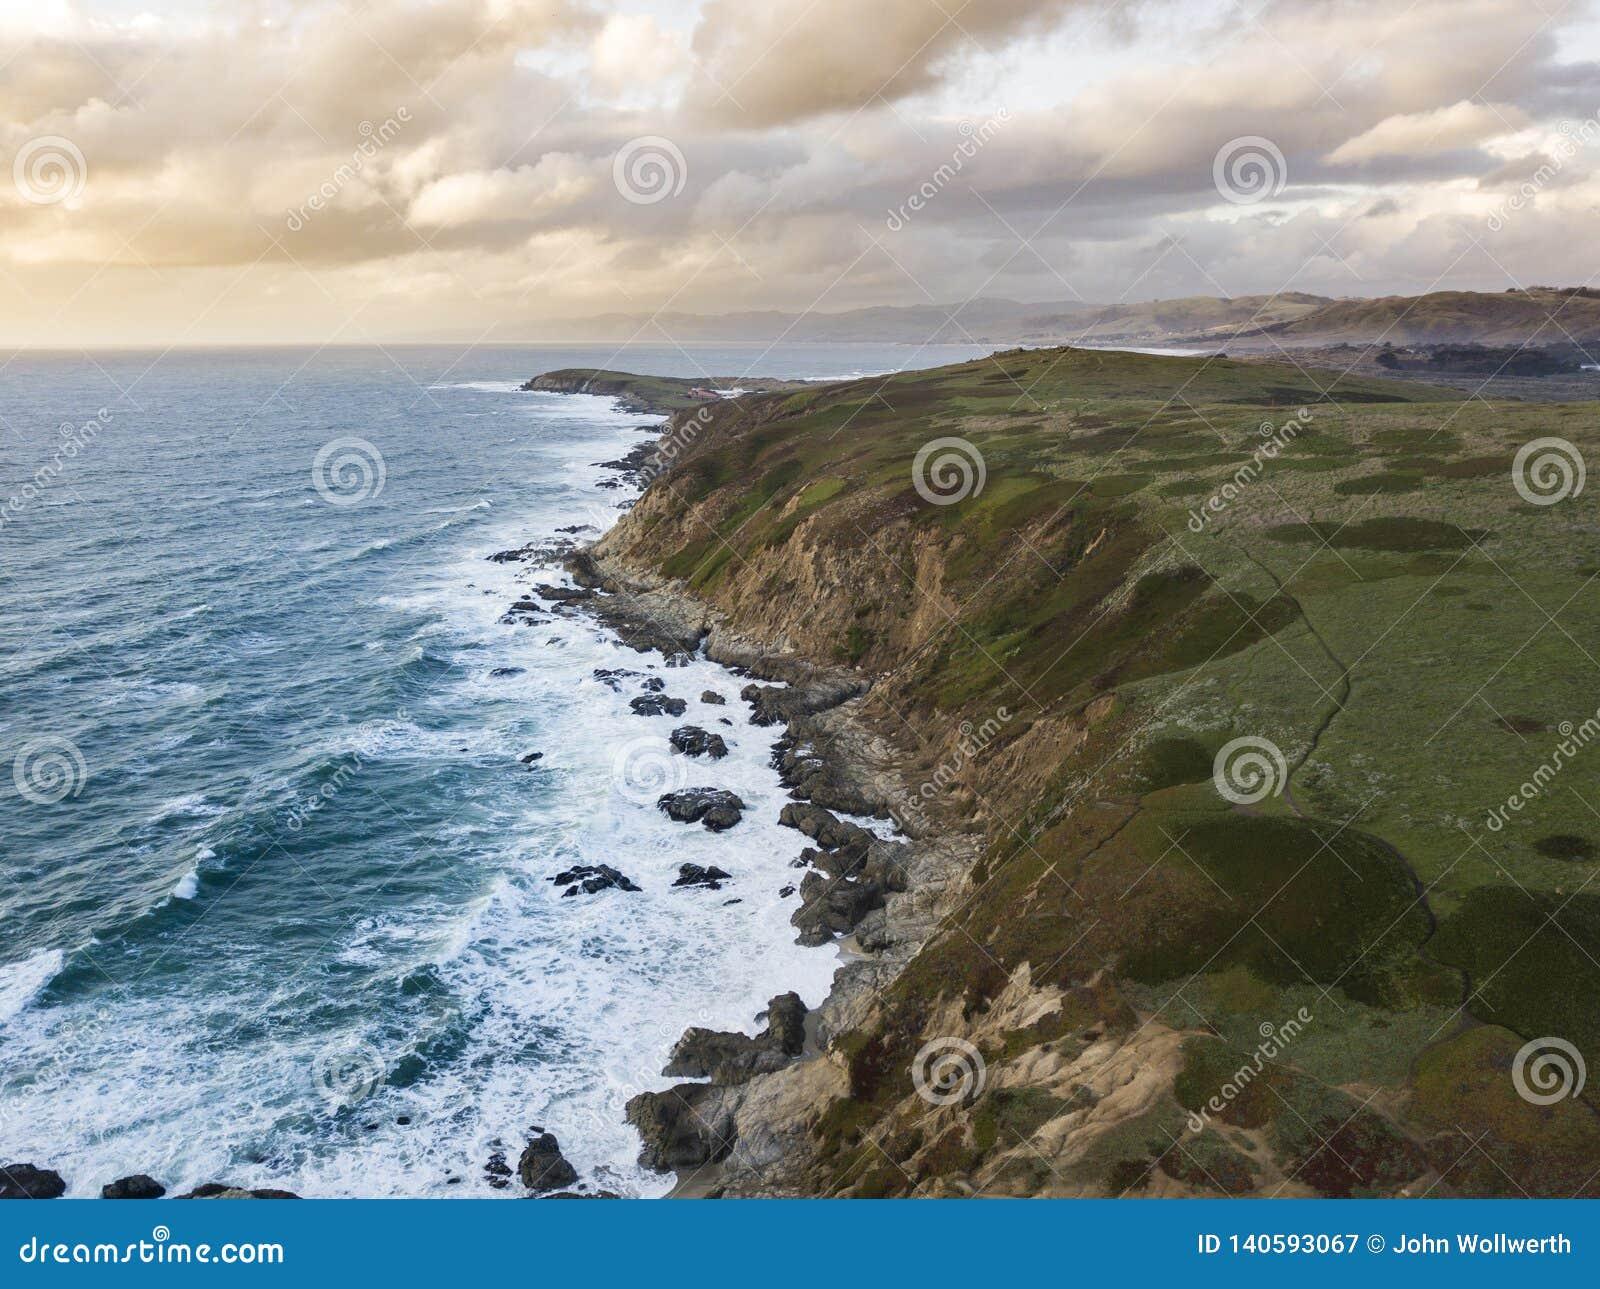 Εναέρια άποψη των κυμάτων που συντρίβουν κατά μήκος της δύσκολης ακτής Καλιφόρνιας κοντά στο Σαν Φρανσίσκο